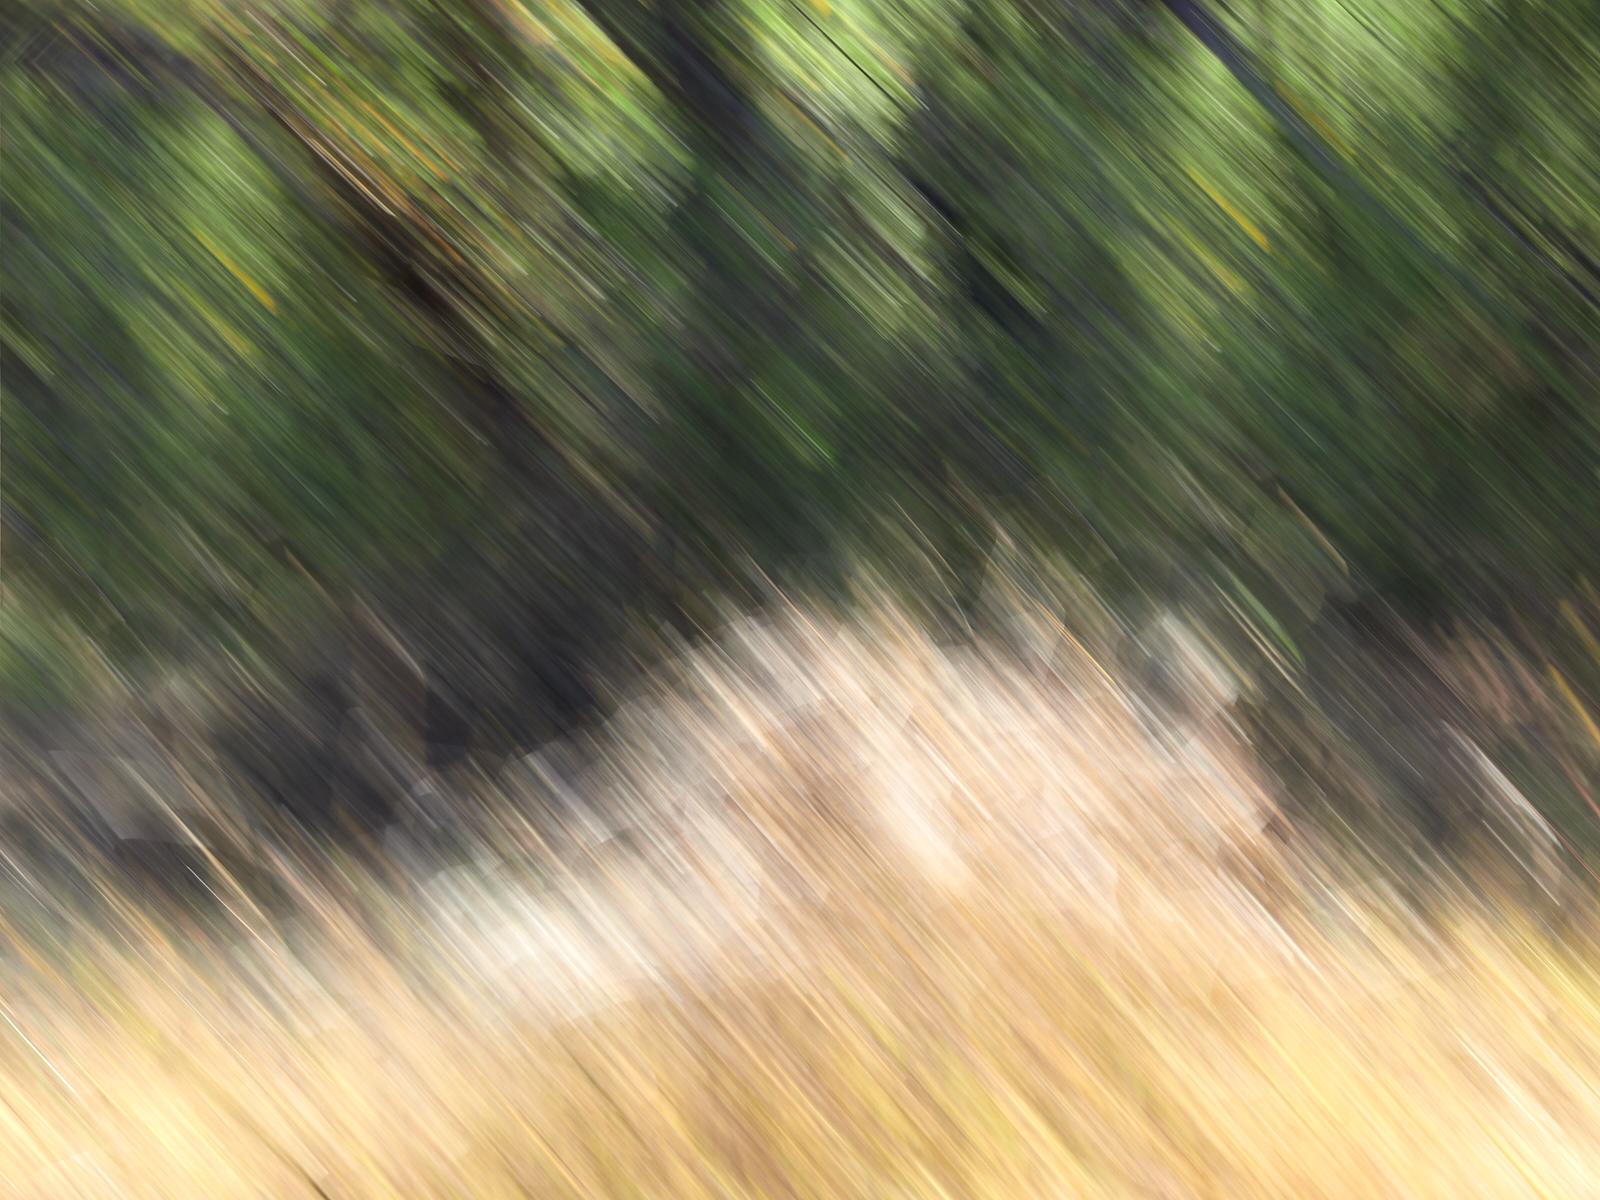 Moremi impressions 2 1600x1200 sRGB.jpg